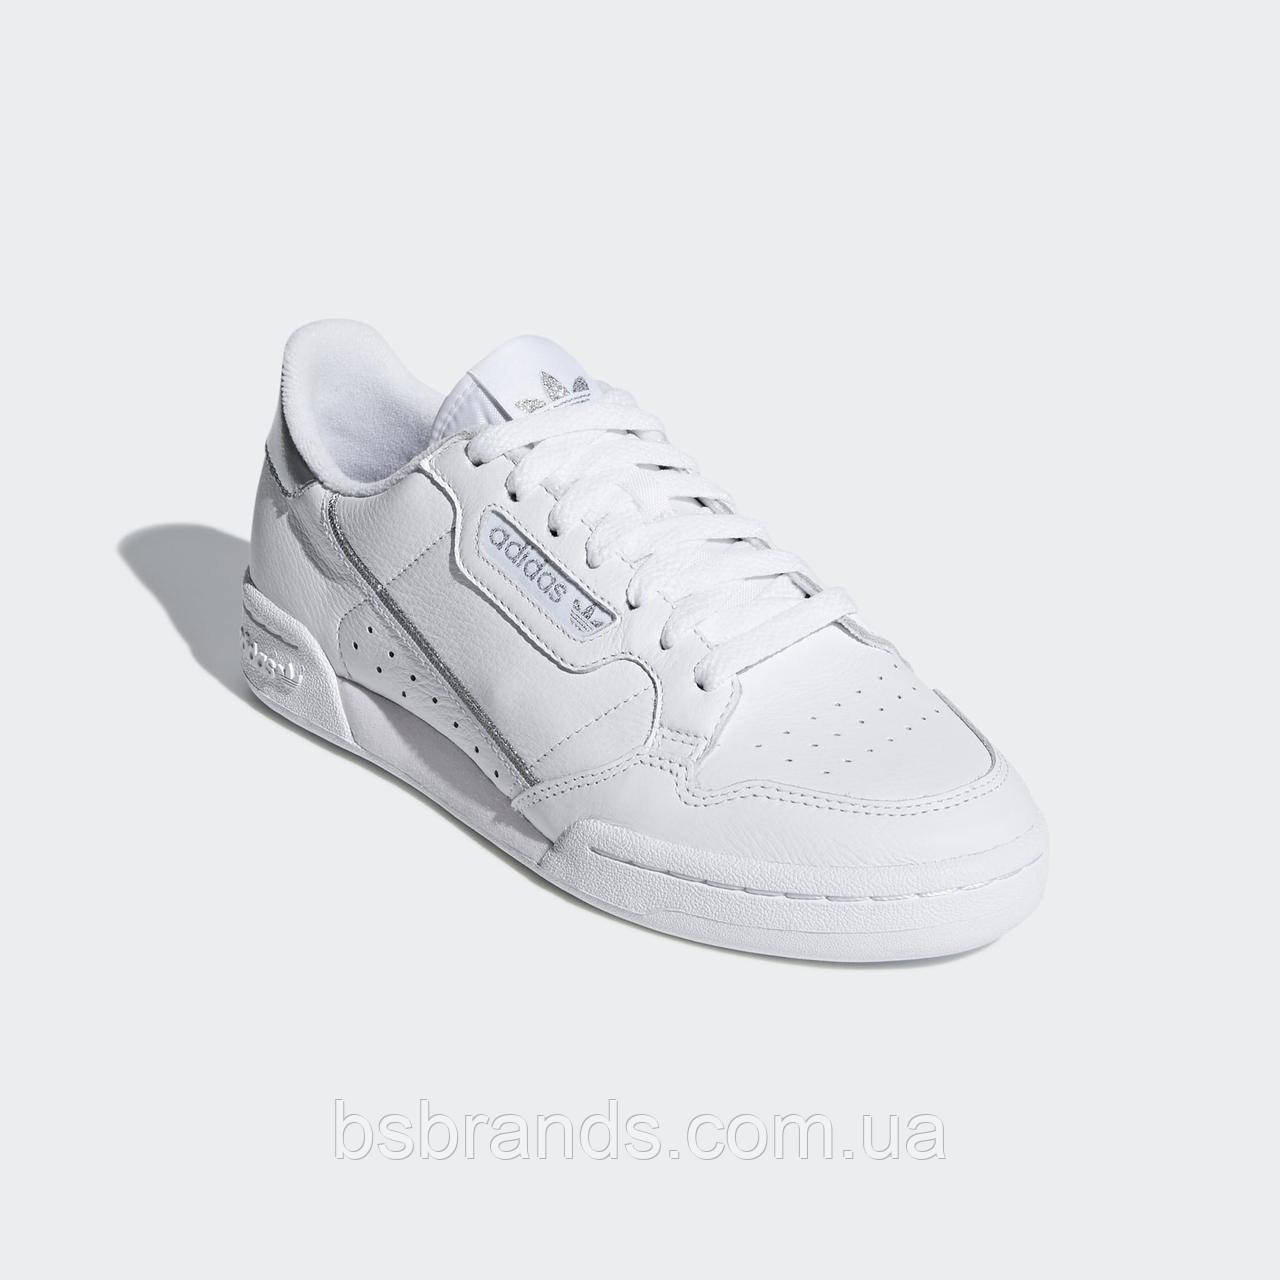 Женские кроссовки adidas Continental 80 EE8925